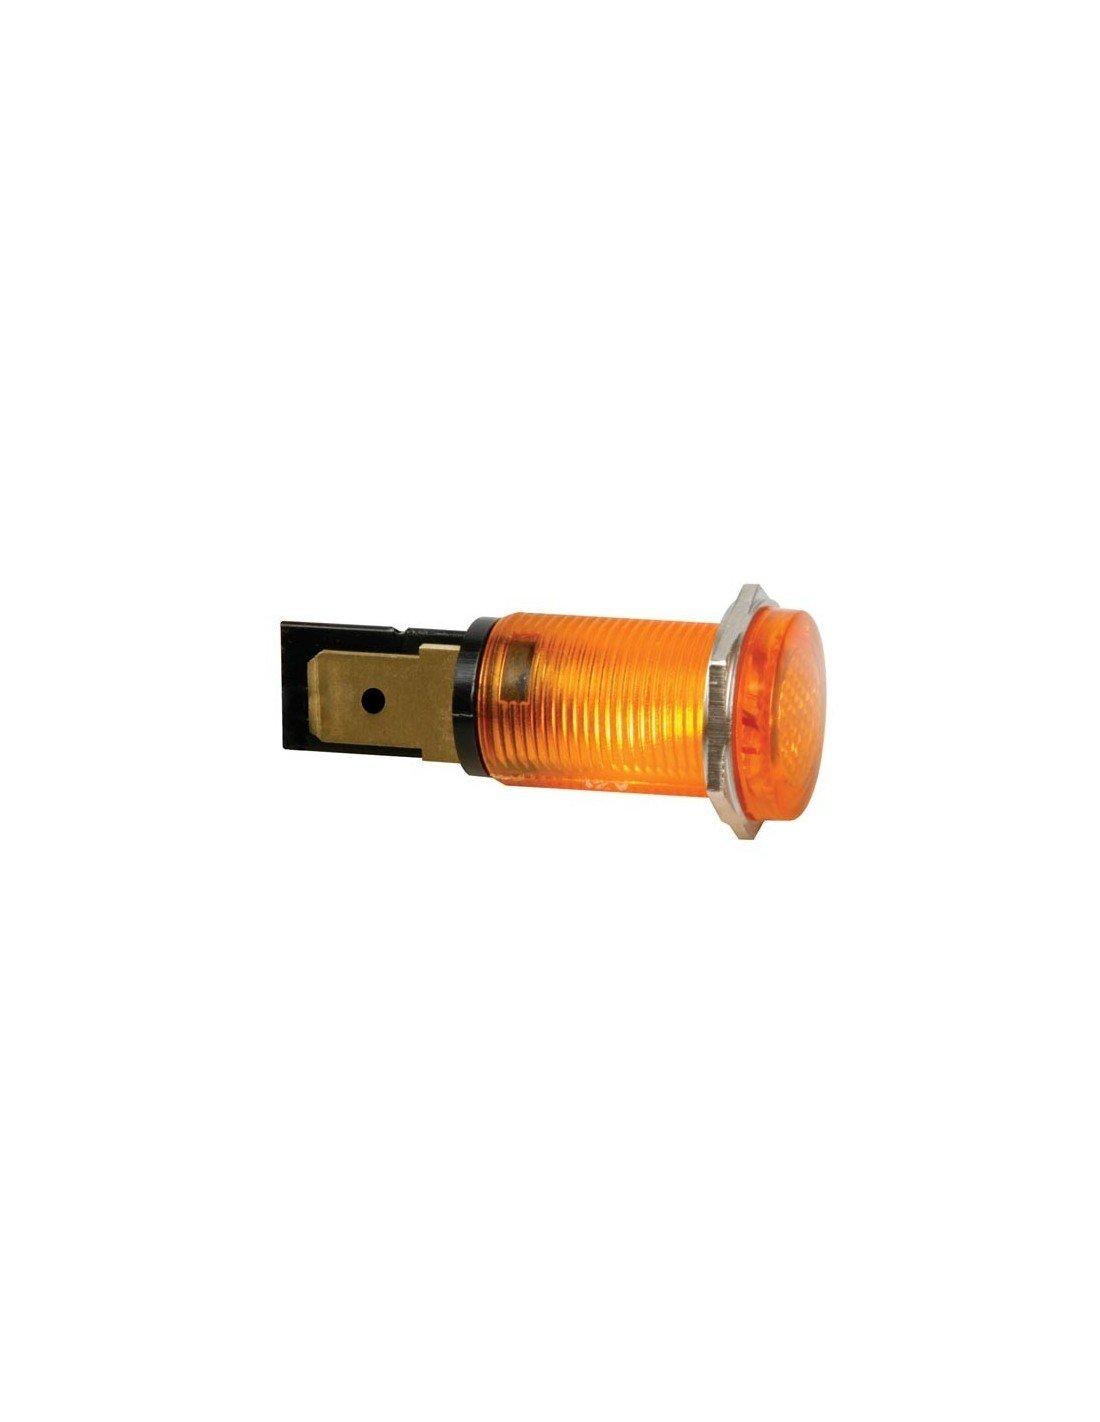 Seder 124037 Signalleuchte, 14 mm, 230 VAC, Gelb